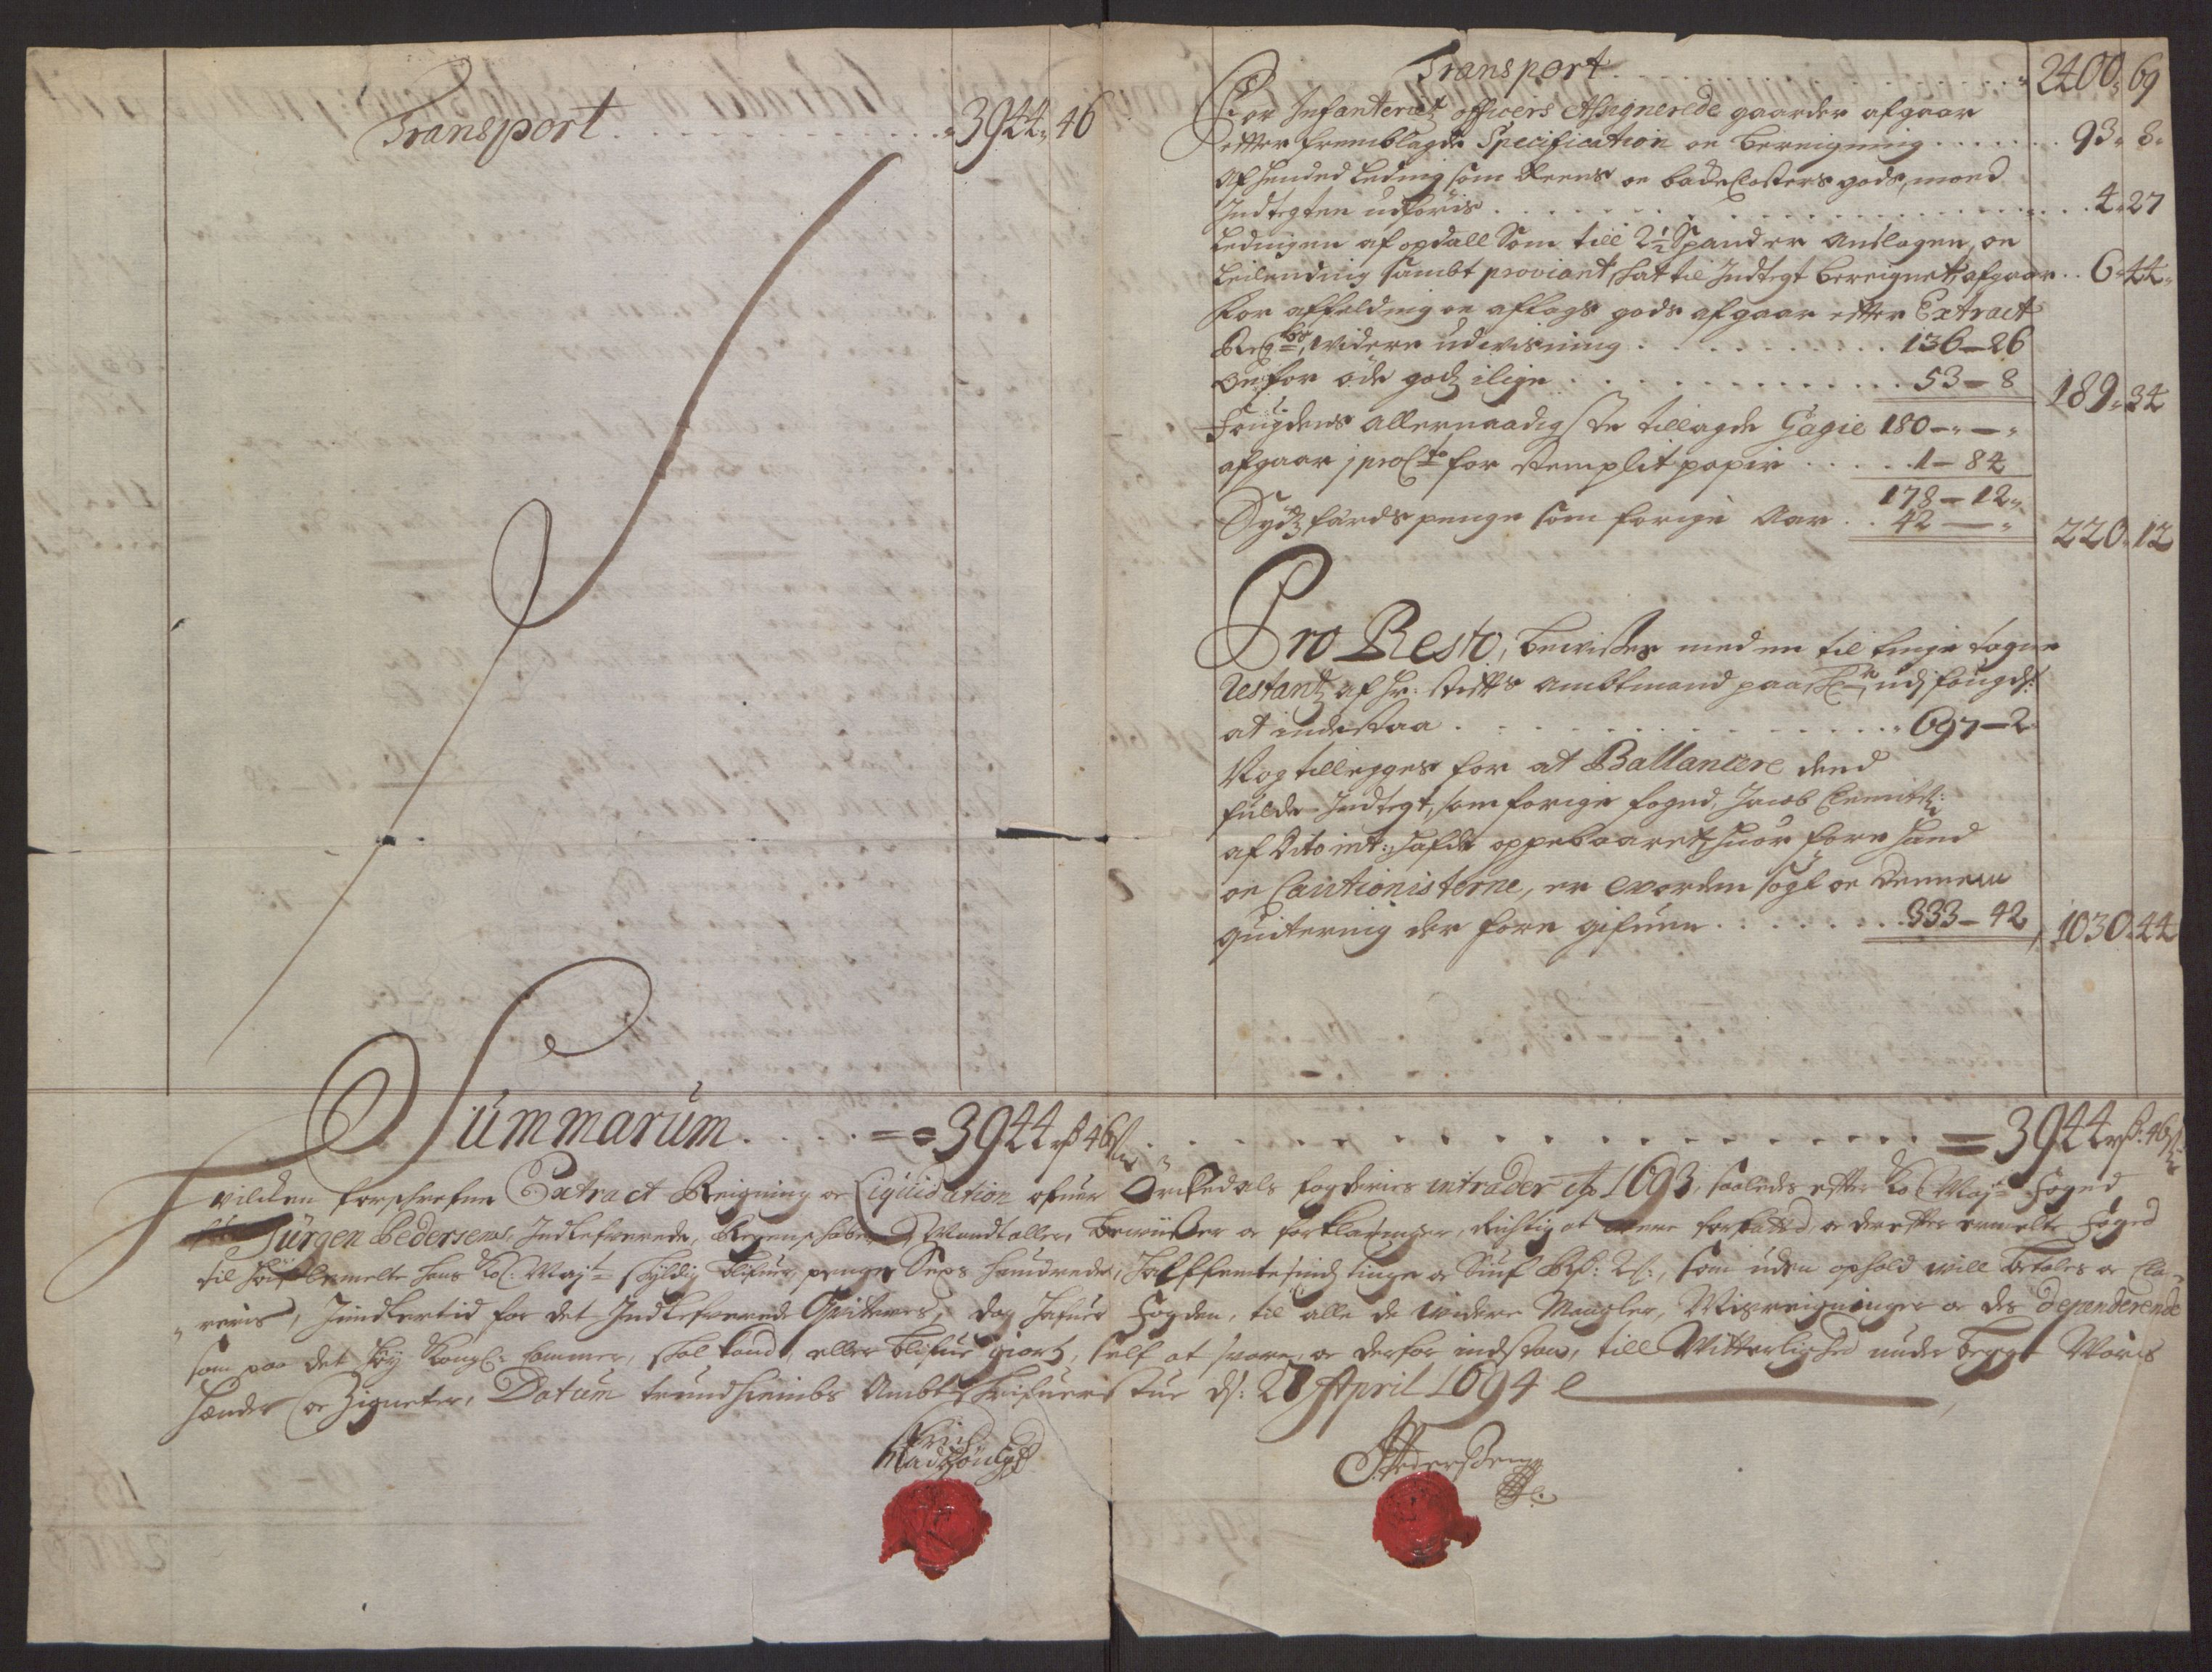 RA, Rentekammeret inntil 1814, Reviderte regnskaper, Fogderegnskap, R60/L3944: Fogderegnskap Orkdal og Gauldal, 1694, s. 4